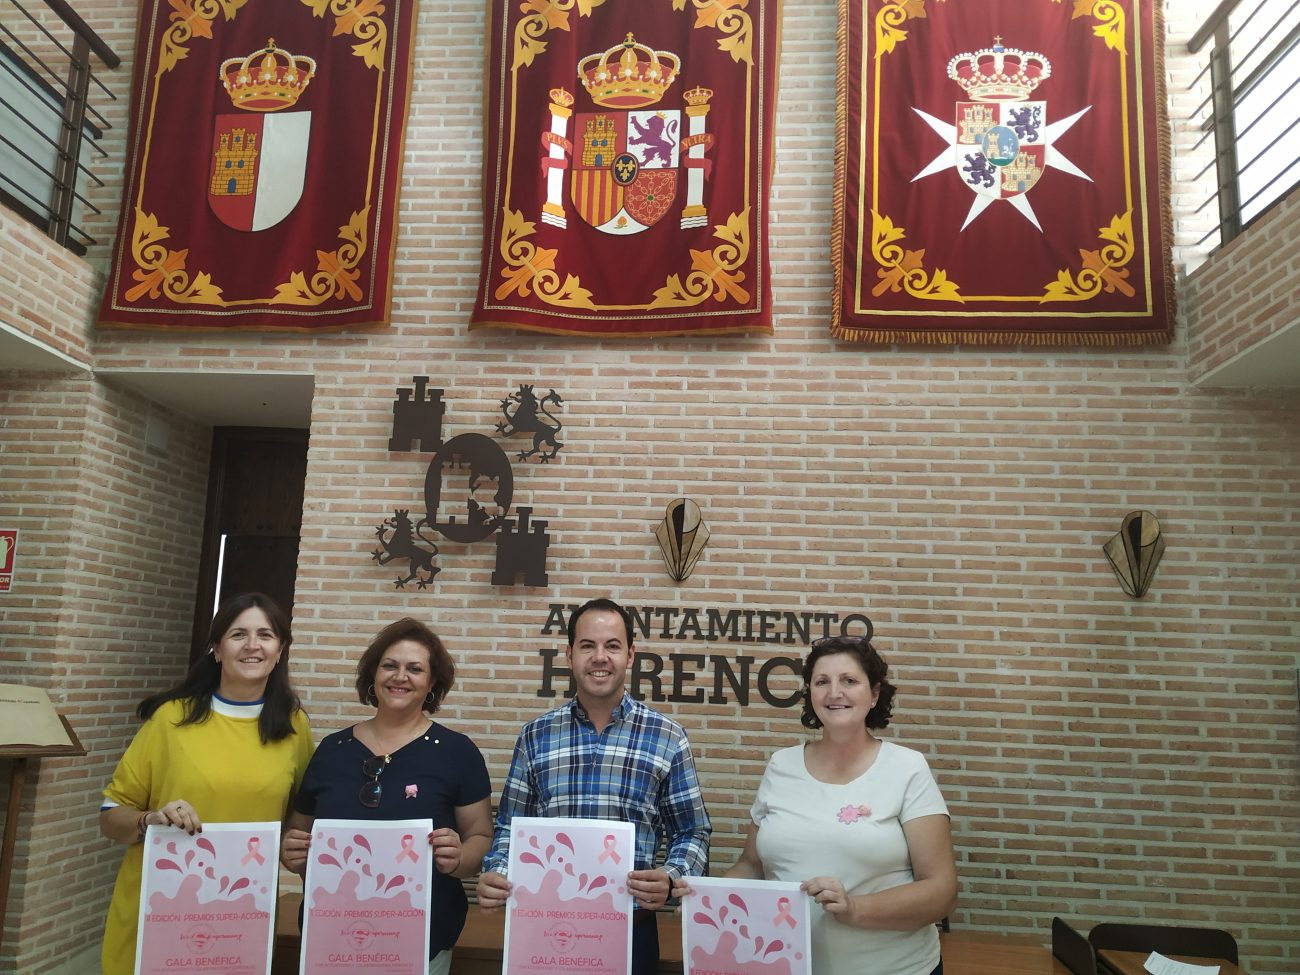 El colectivo Supernenas premia al Ayuntamiento por su colaboración en la lucha contra el cánce - El colectivo Supernenas premia al Ayuntamiento por su colaboración en la lucha contra el cánce